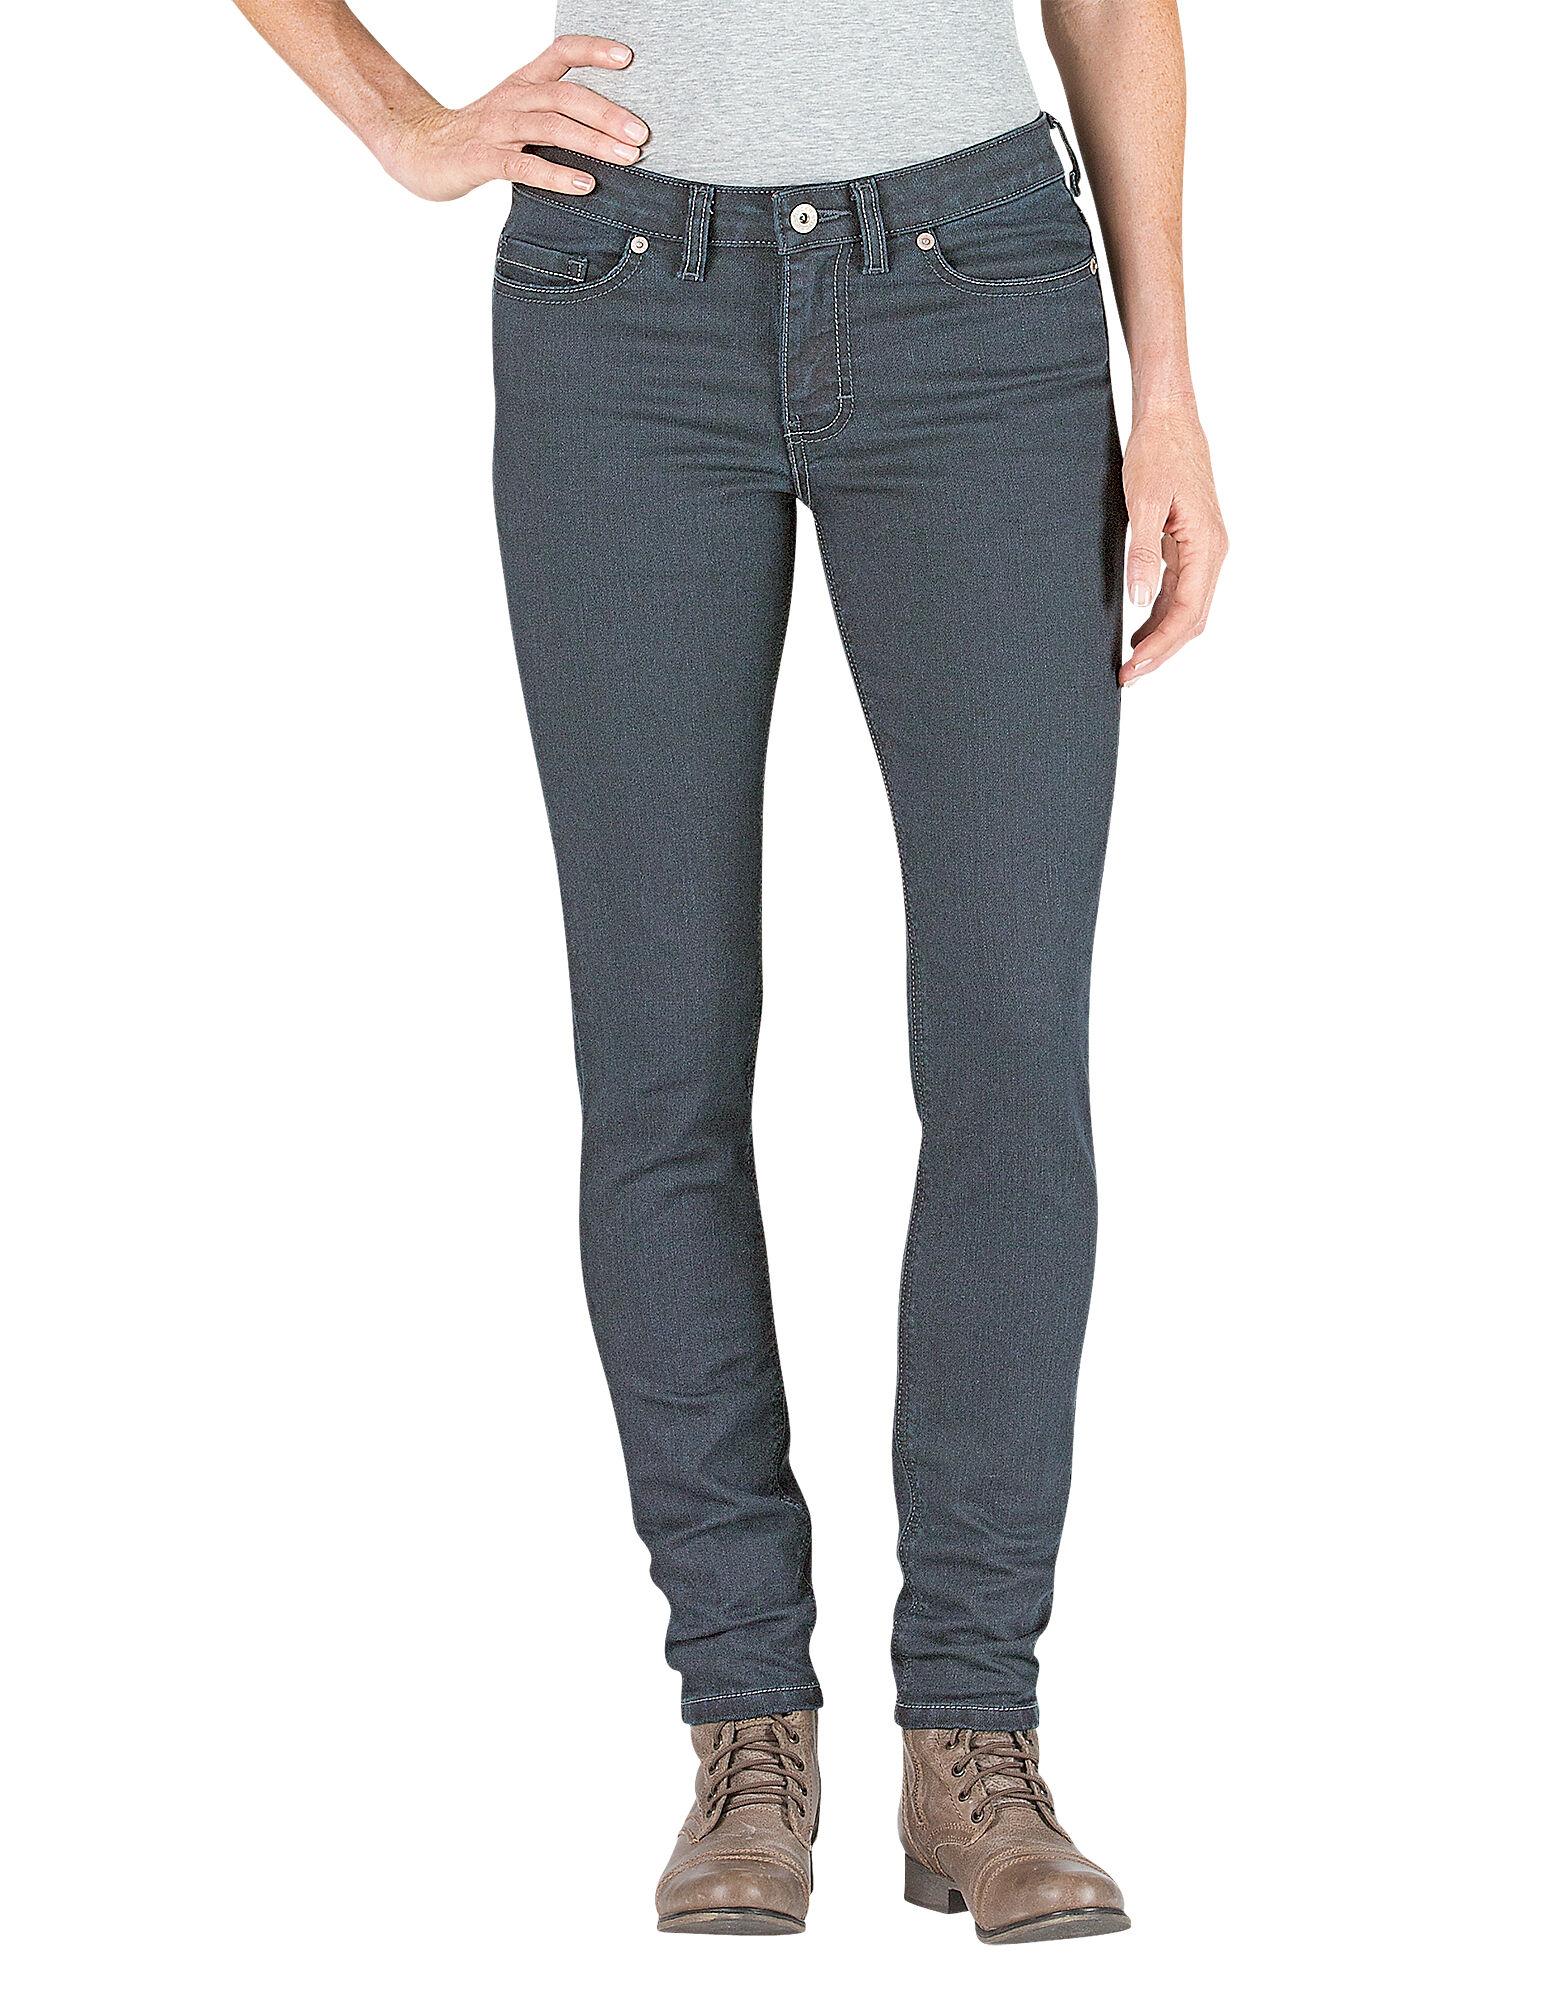 Slim Jeans Womens uUpJambQ